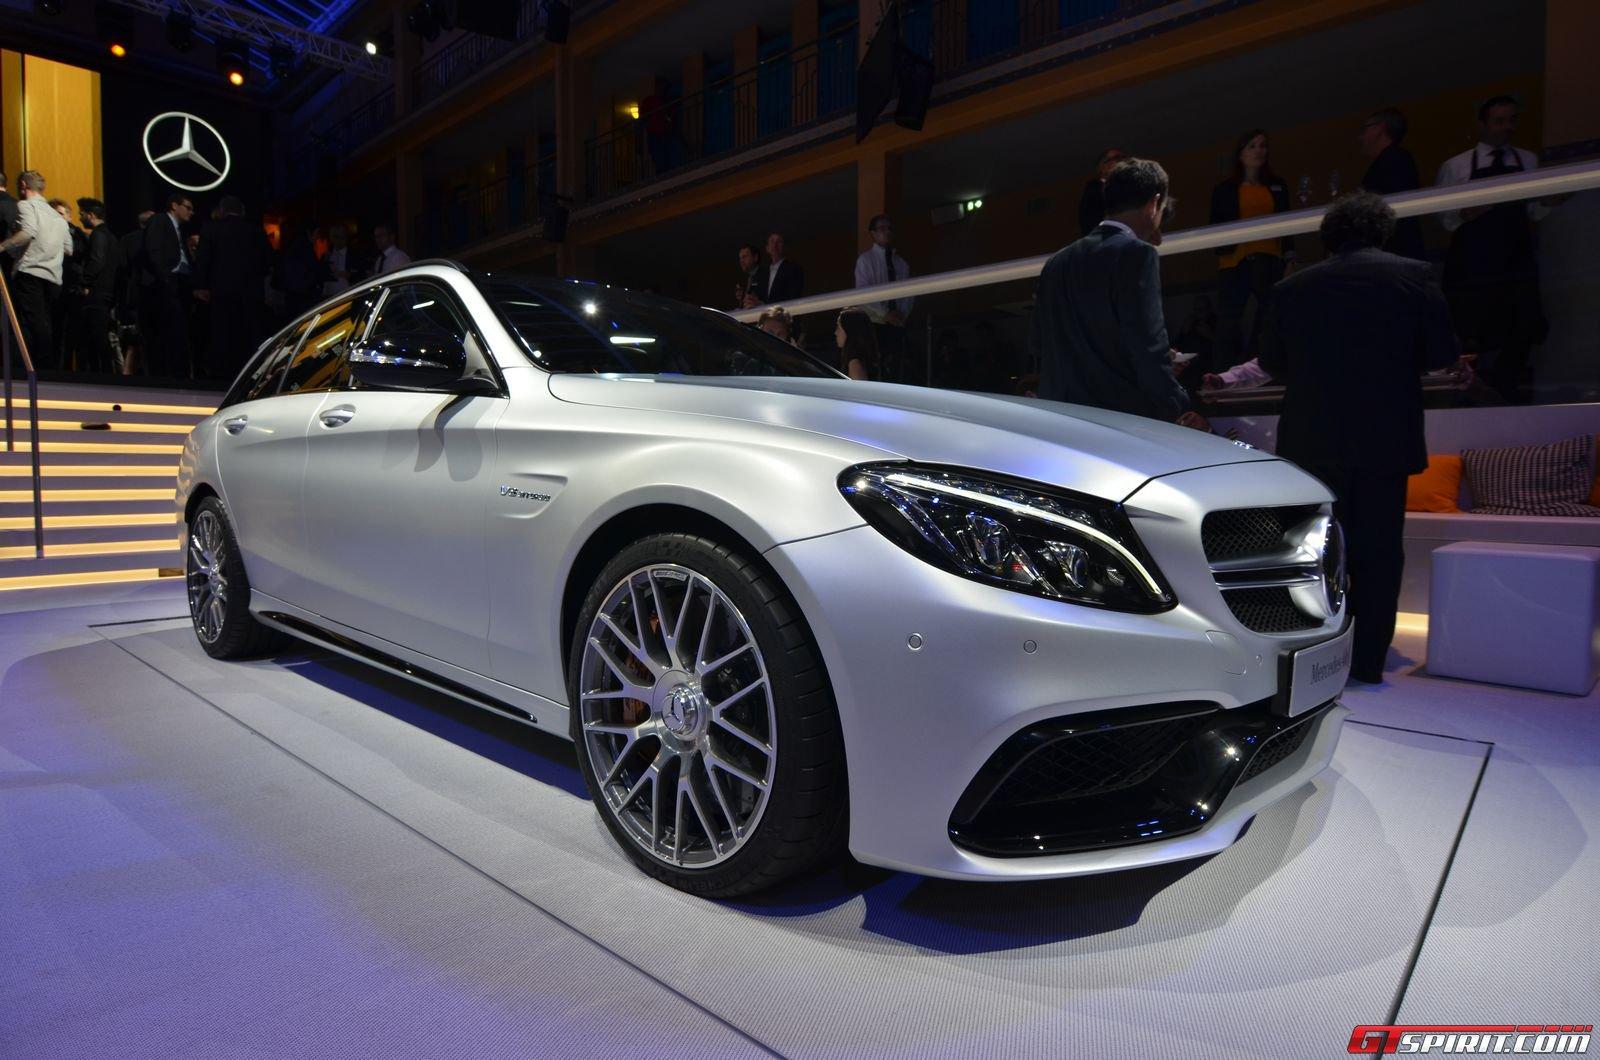 2015 M3 For Sale >> Paris 2014: 2015 Mercedes-AMG C63 and C63 S - GTspirit